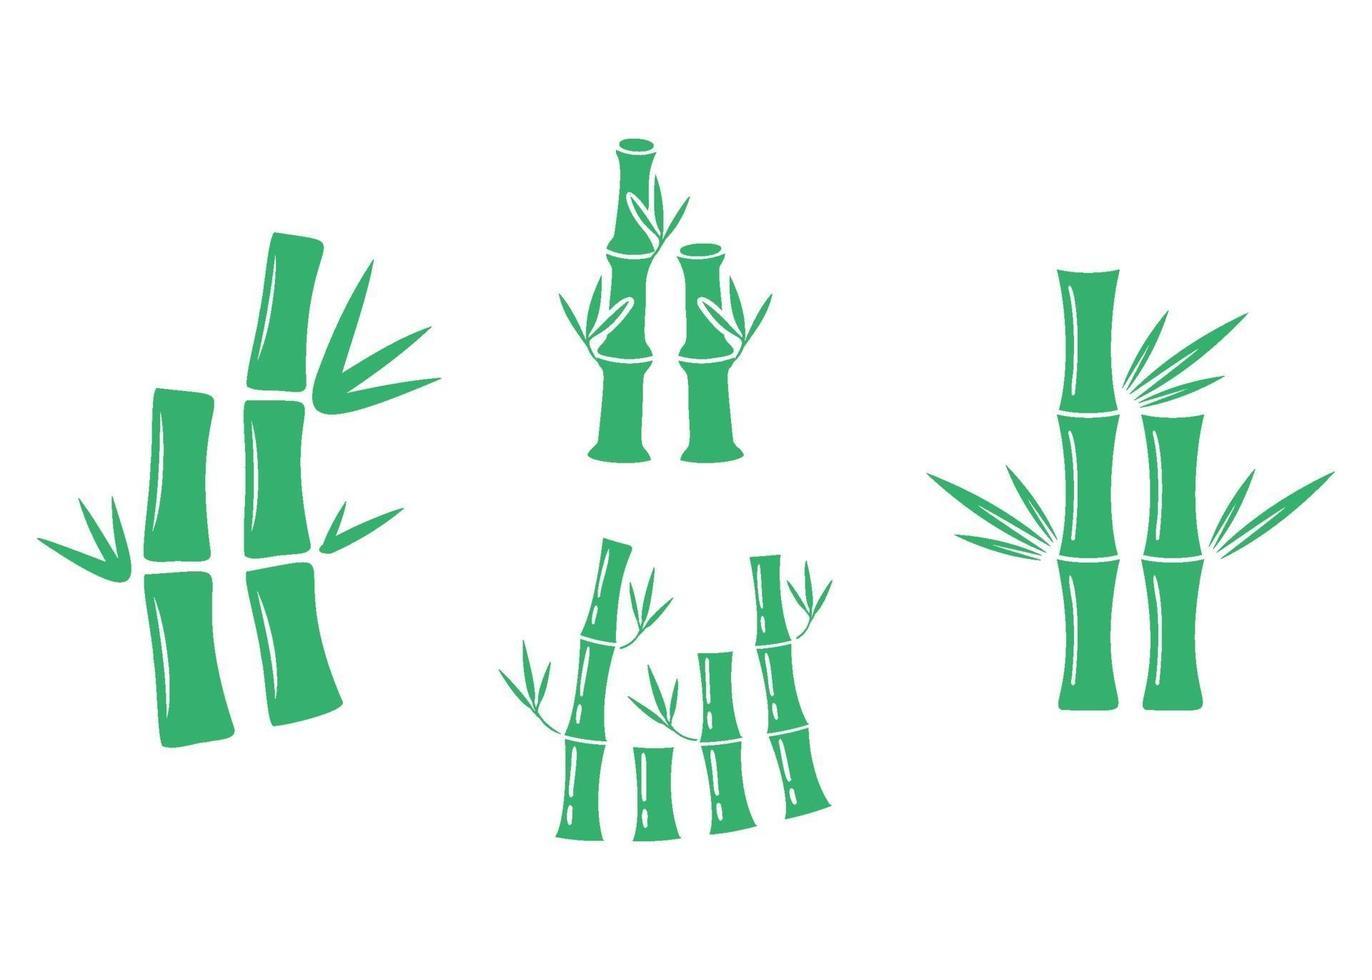 conjunto de vectores de ilustración de icono de bambú